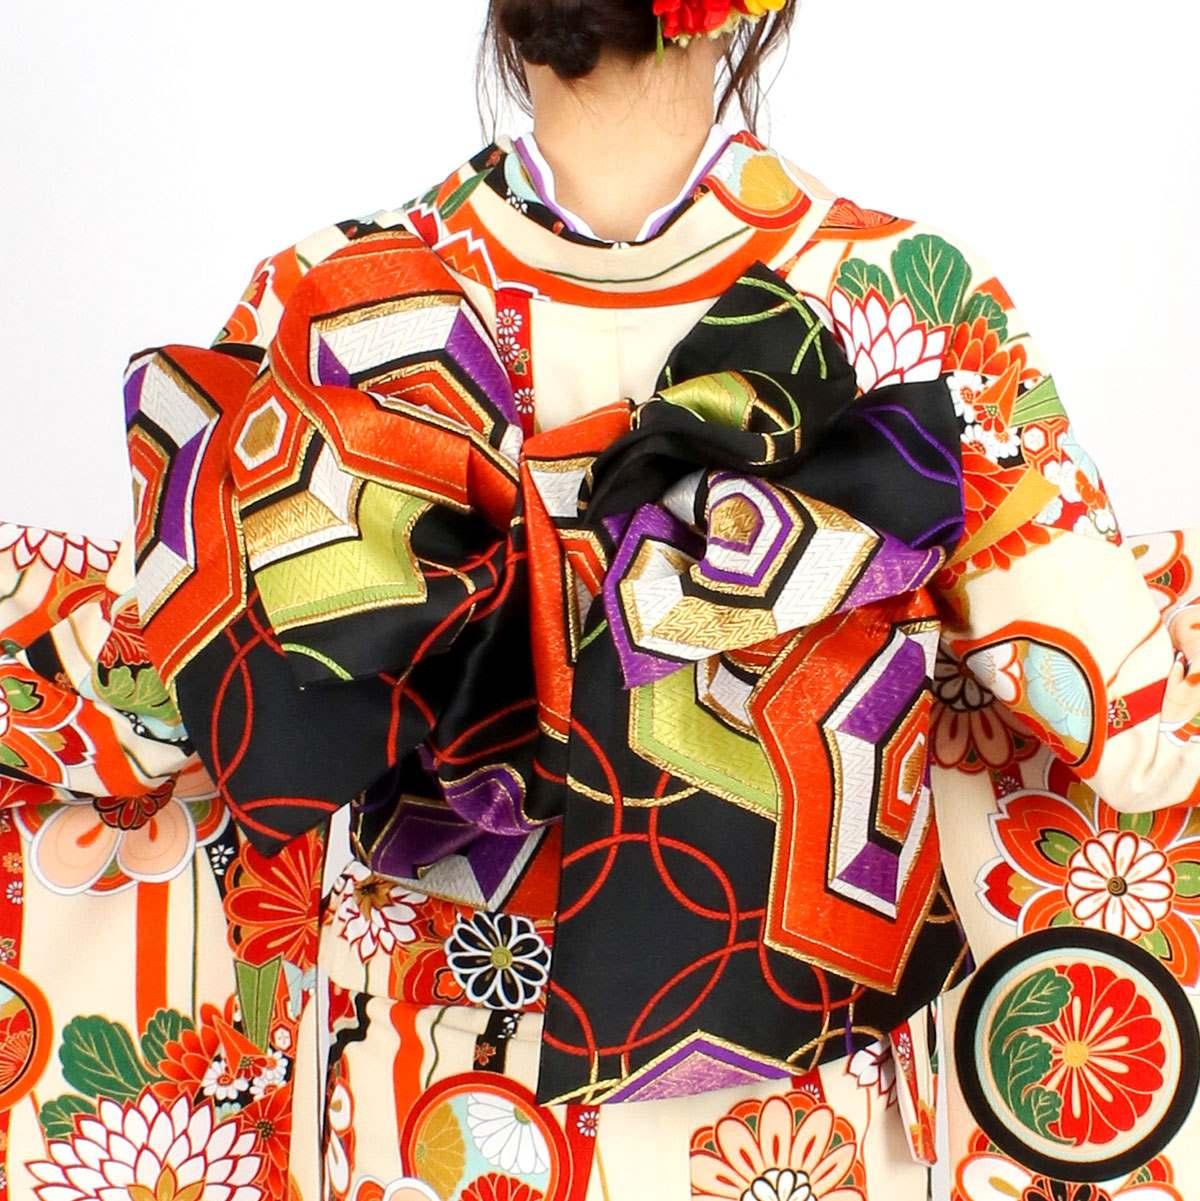 【成人式】 [安心の長期間レンタル]【対応身長150cm〜165cm】レンタル振袖フルセット-917 花柄 レトロ クール系 ポップキュート 黄色系 オレンジ系 菊 総柄